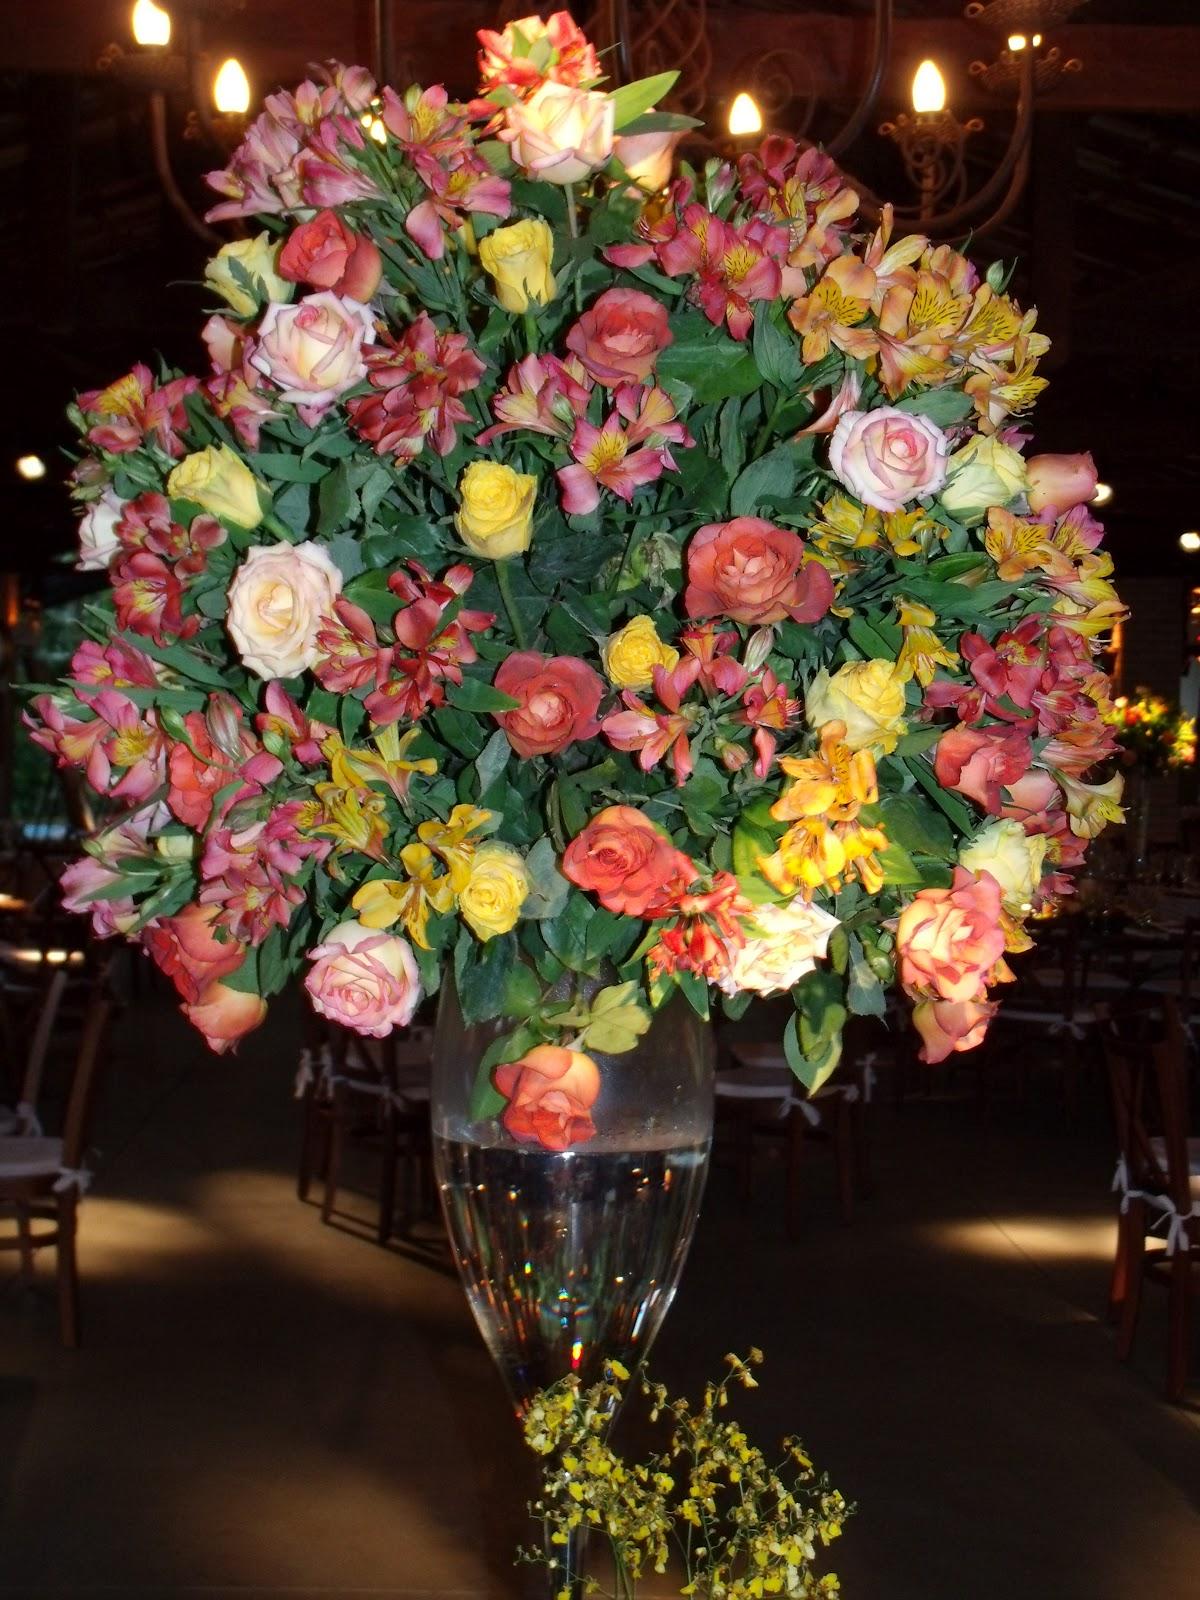 raphael braga buffet decora231227o cerimonial fevereiro 2012